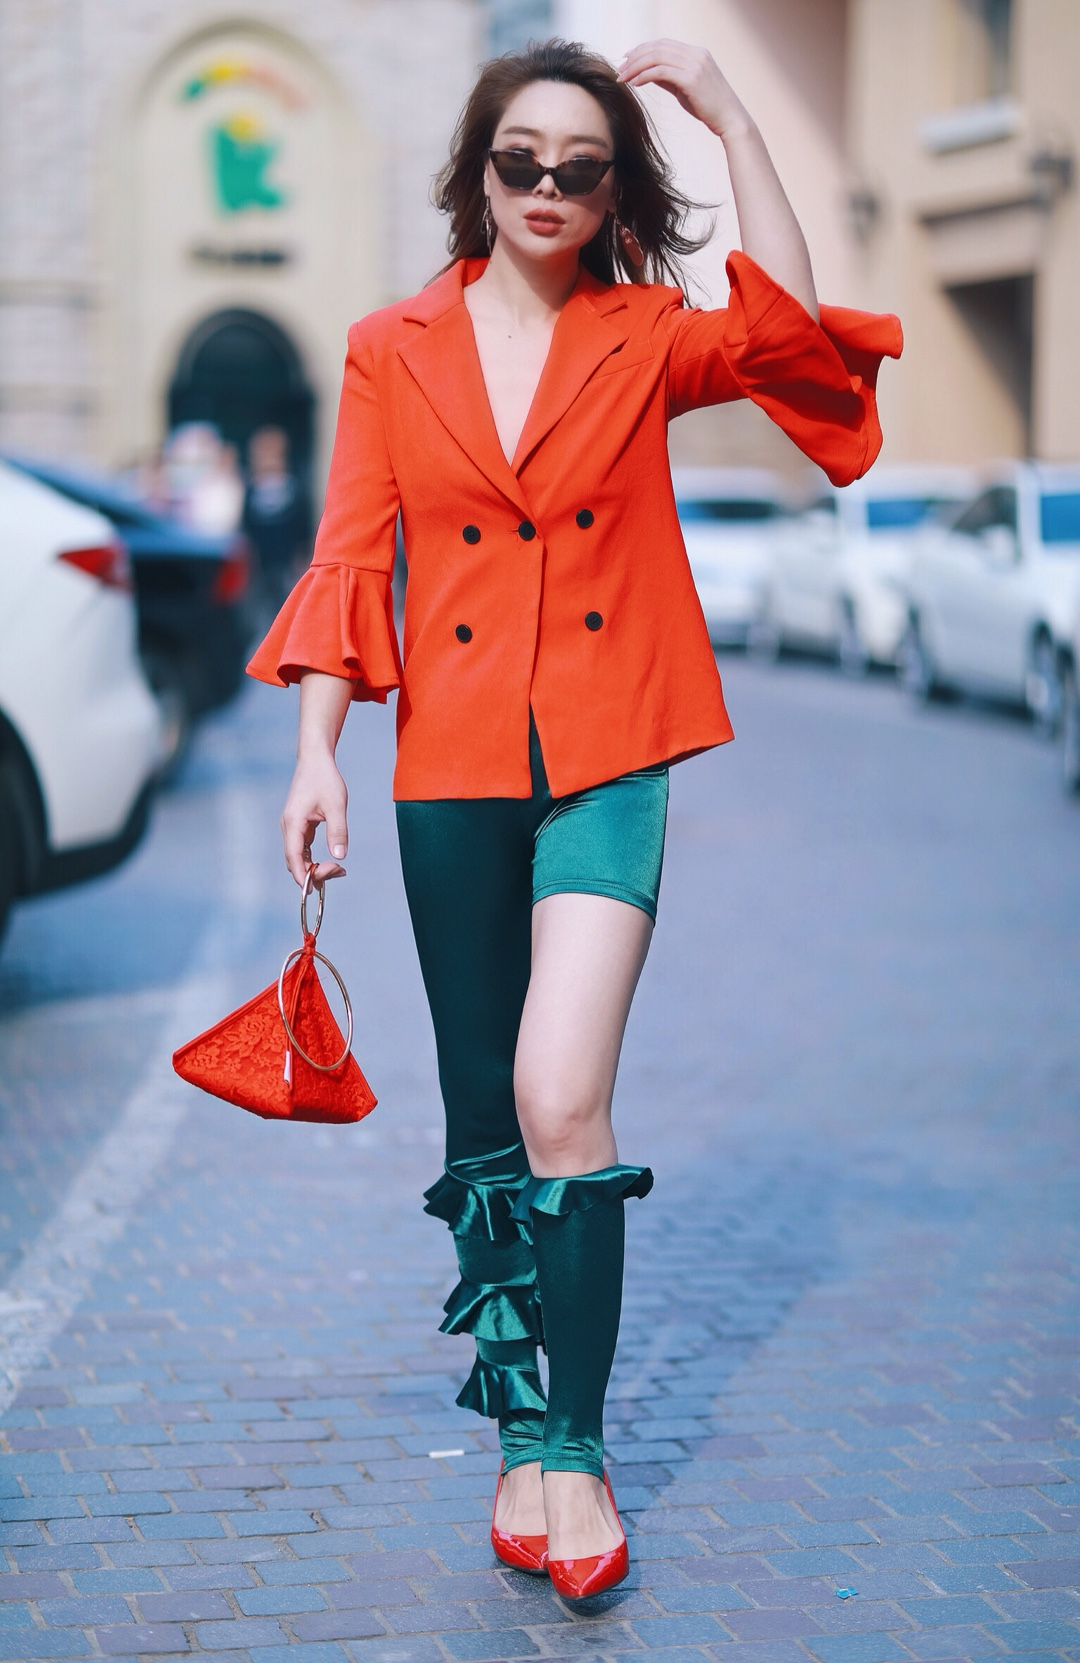 """今天你们的彤哥给大家分享一组个性穿搭就是红色🌹和绿色🍃这对""""苦命鸳鸯""""! 此时,我只想对你们说: 别再误会""""红配绿""""了! 它有多高级你造吗?  #OOTD:今天穿什么?#"""